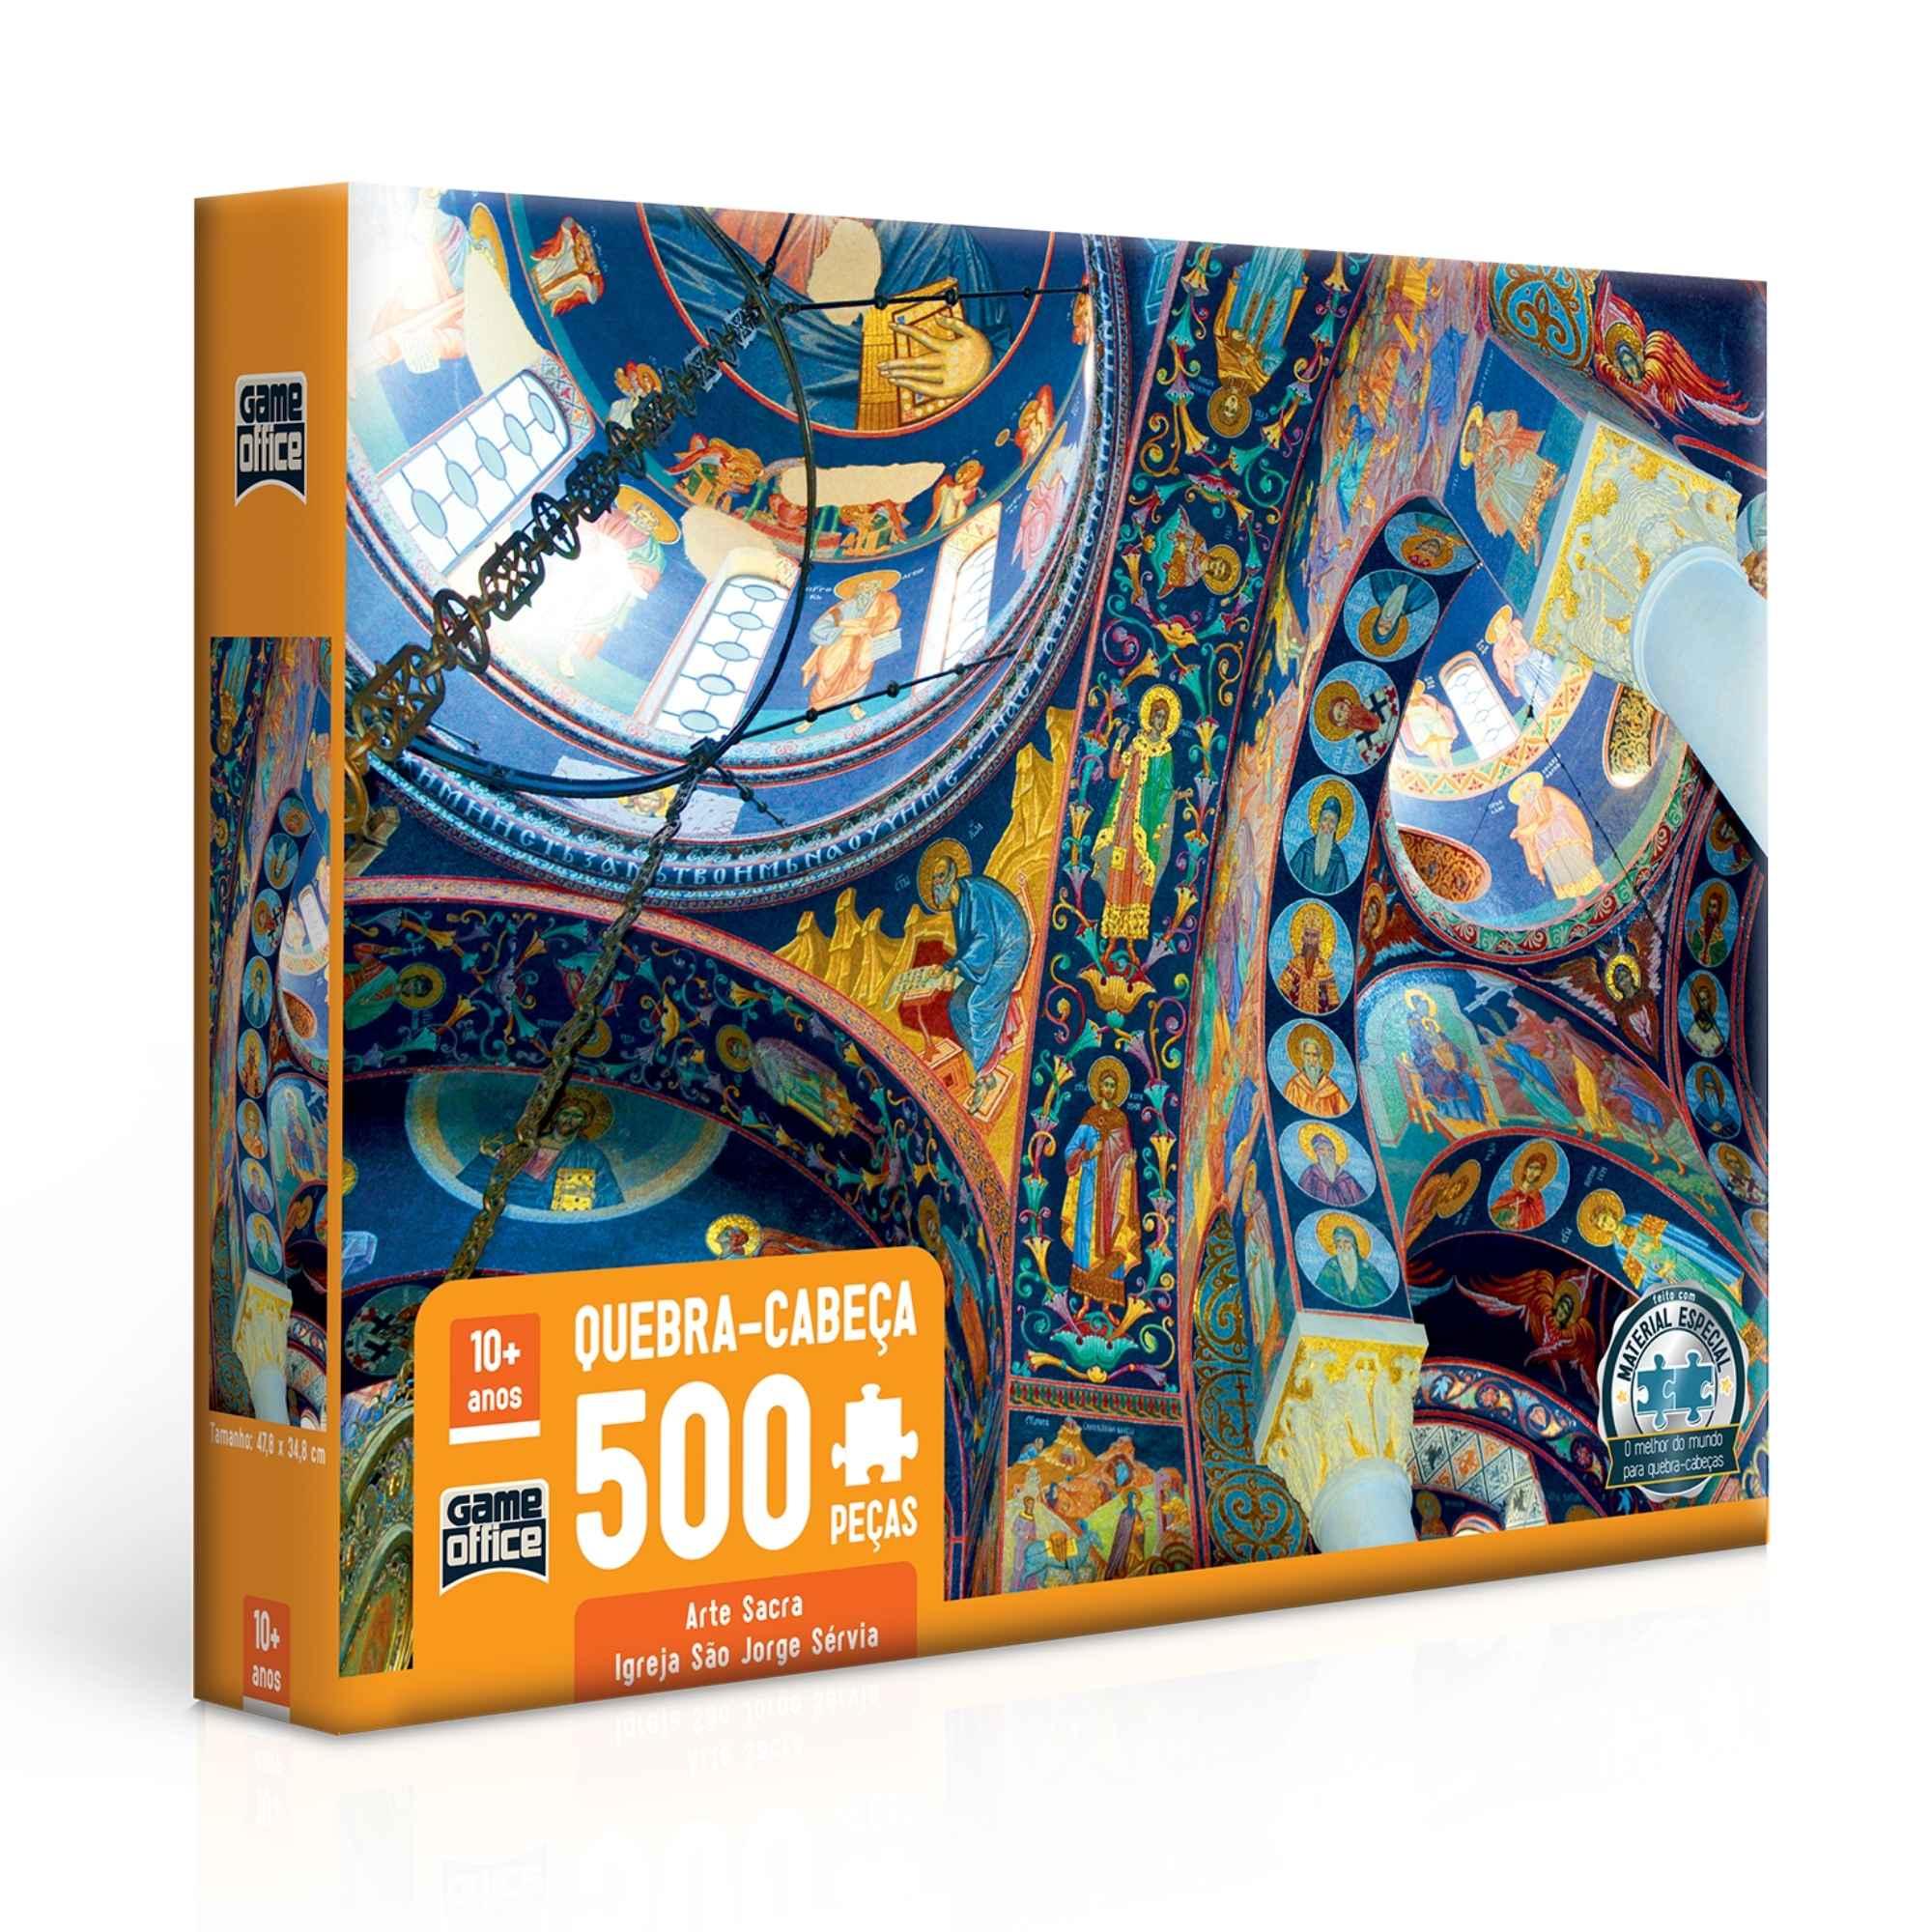 Quebra-Cabeça Arte Sacra 500 Peças